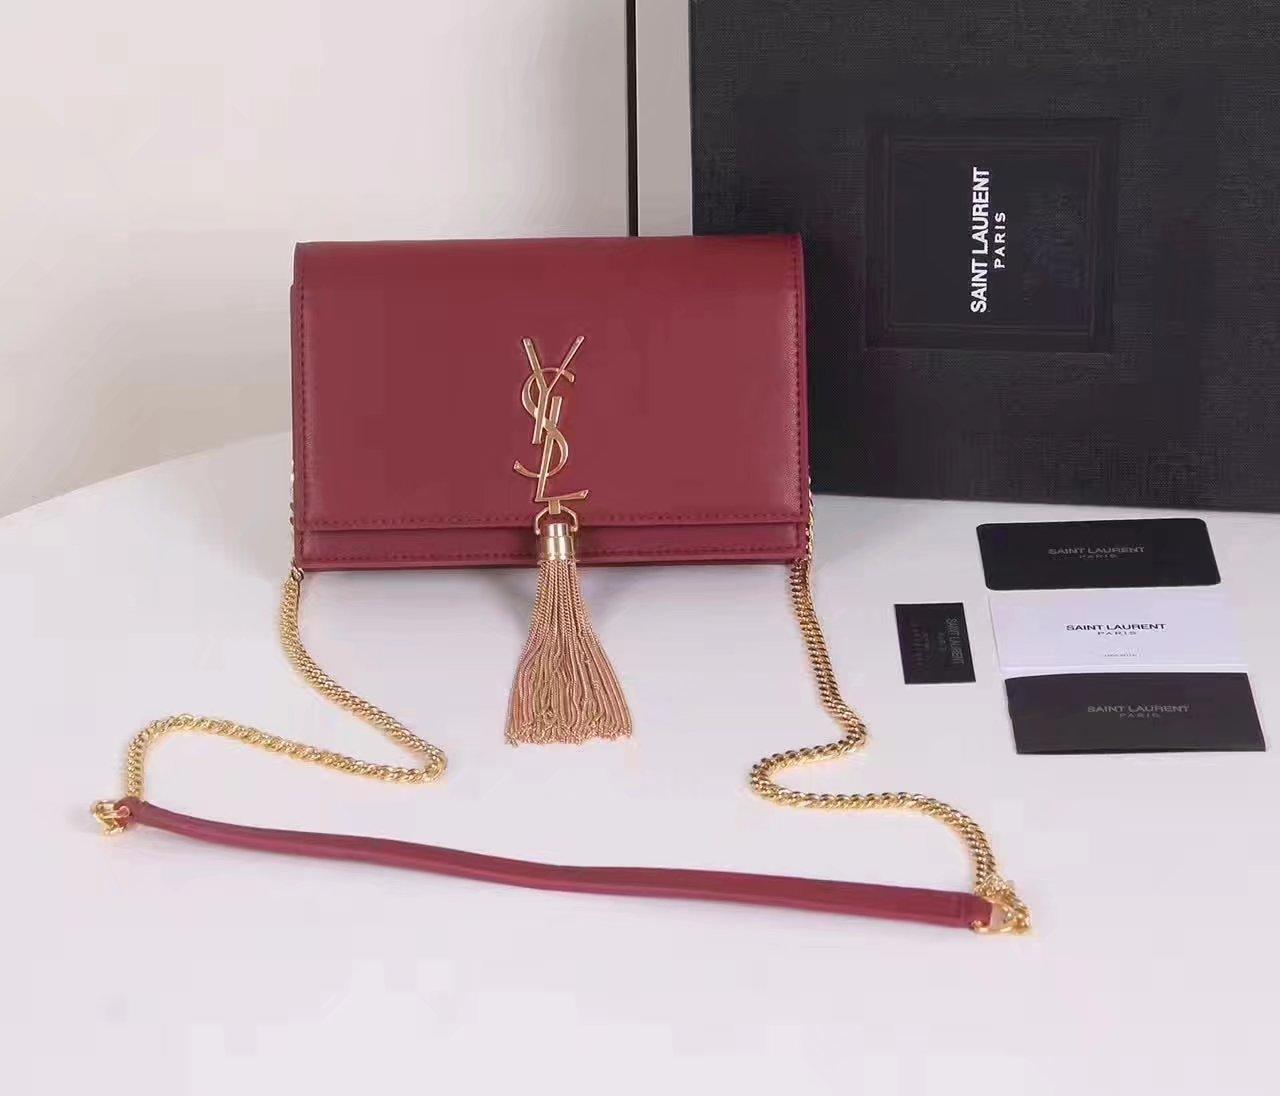 Yves Saint Laurent Classic Saint Laurent Shoulder Bag With